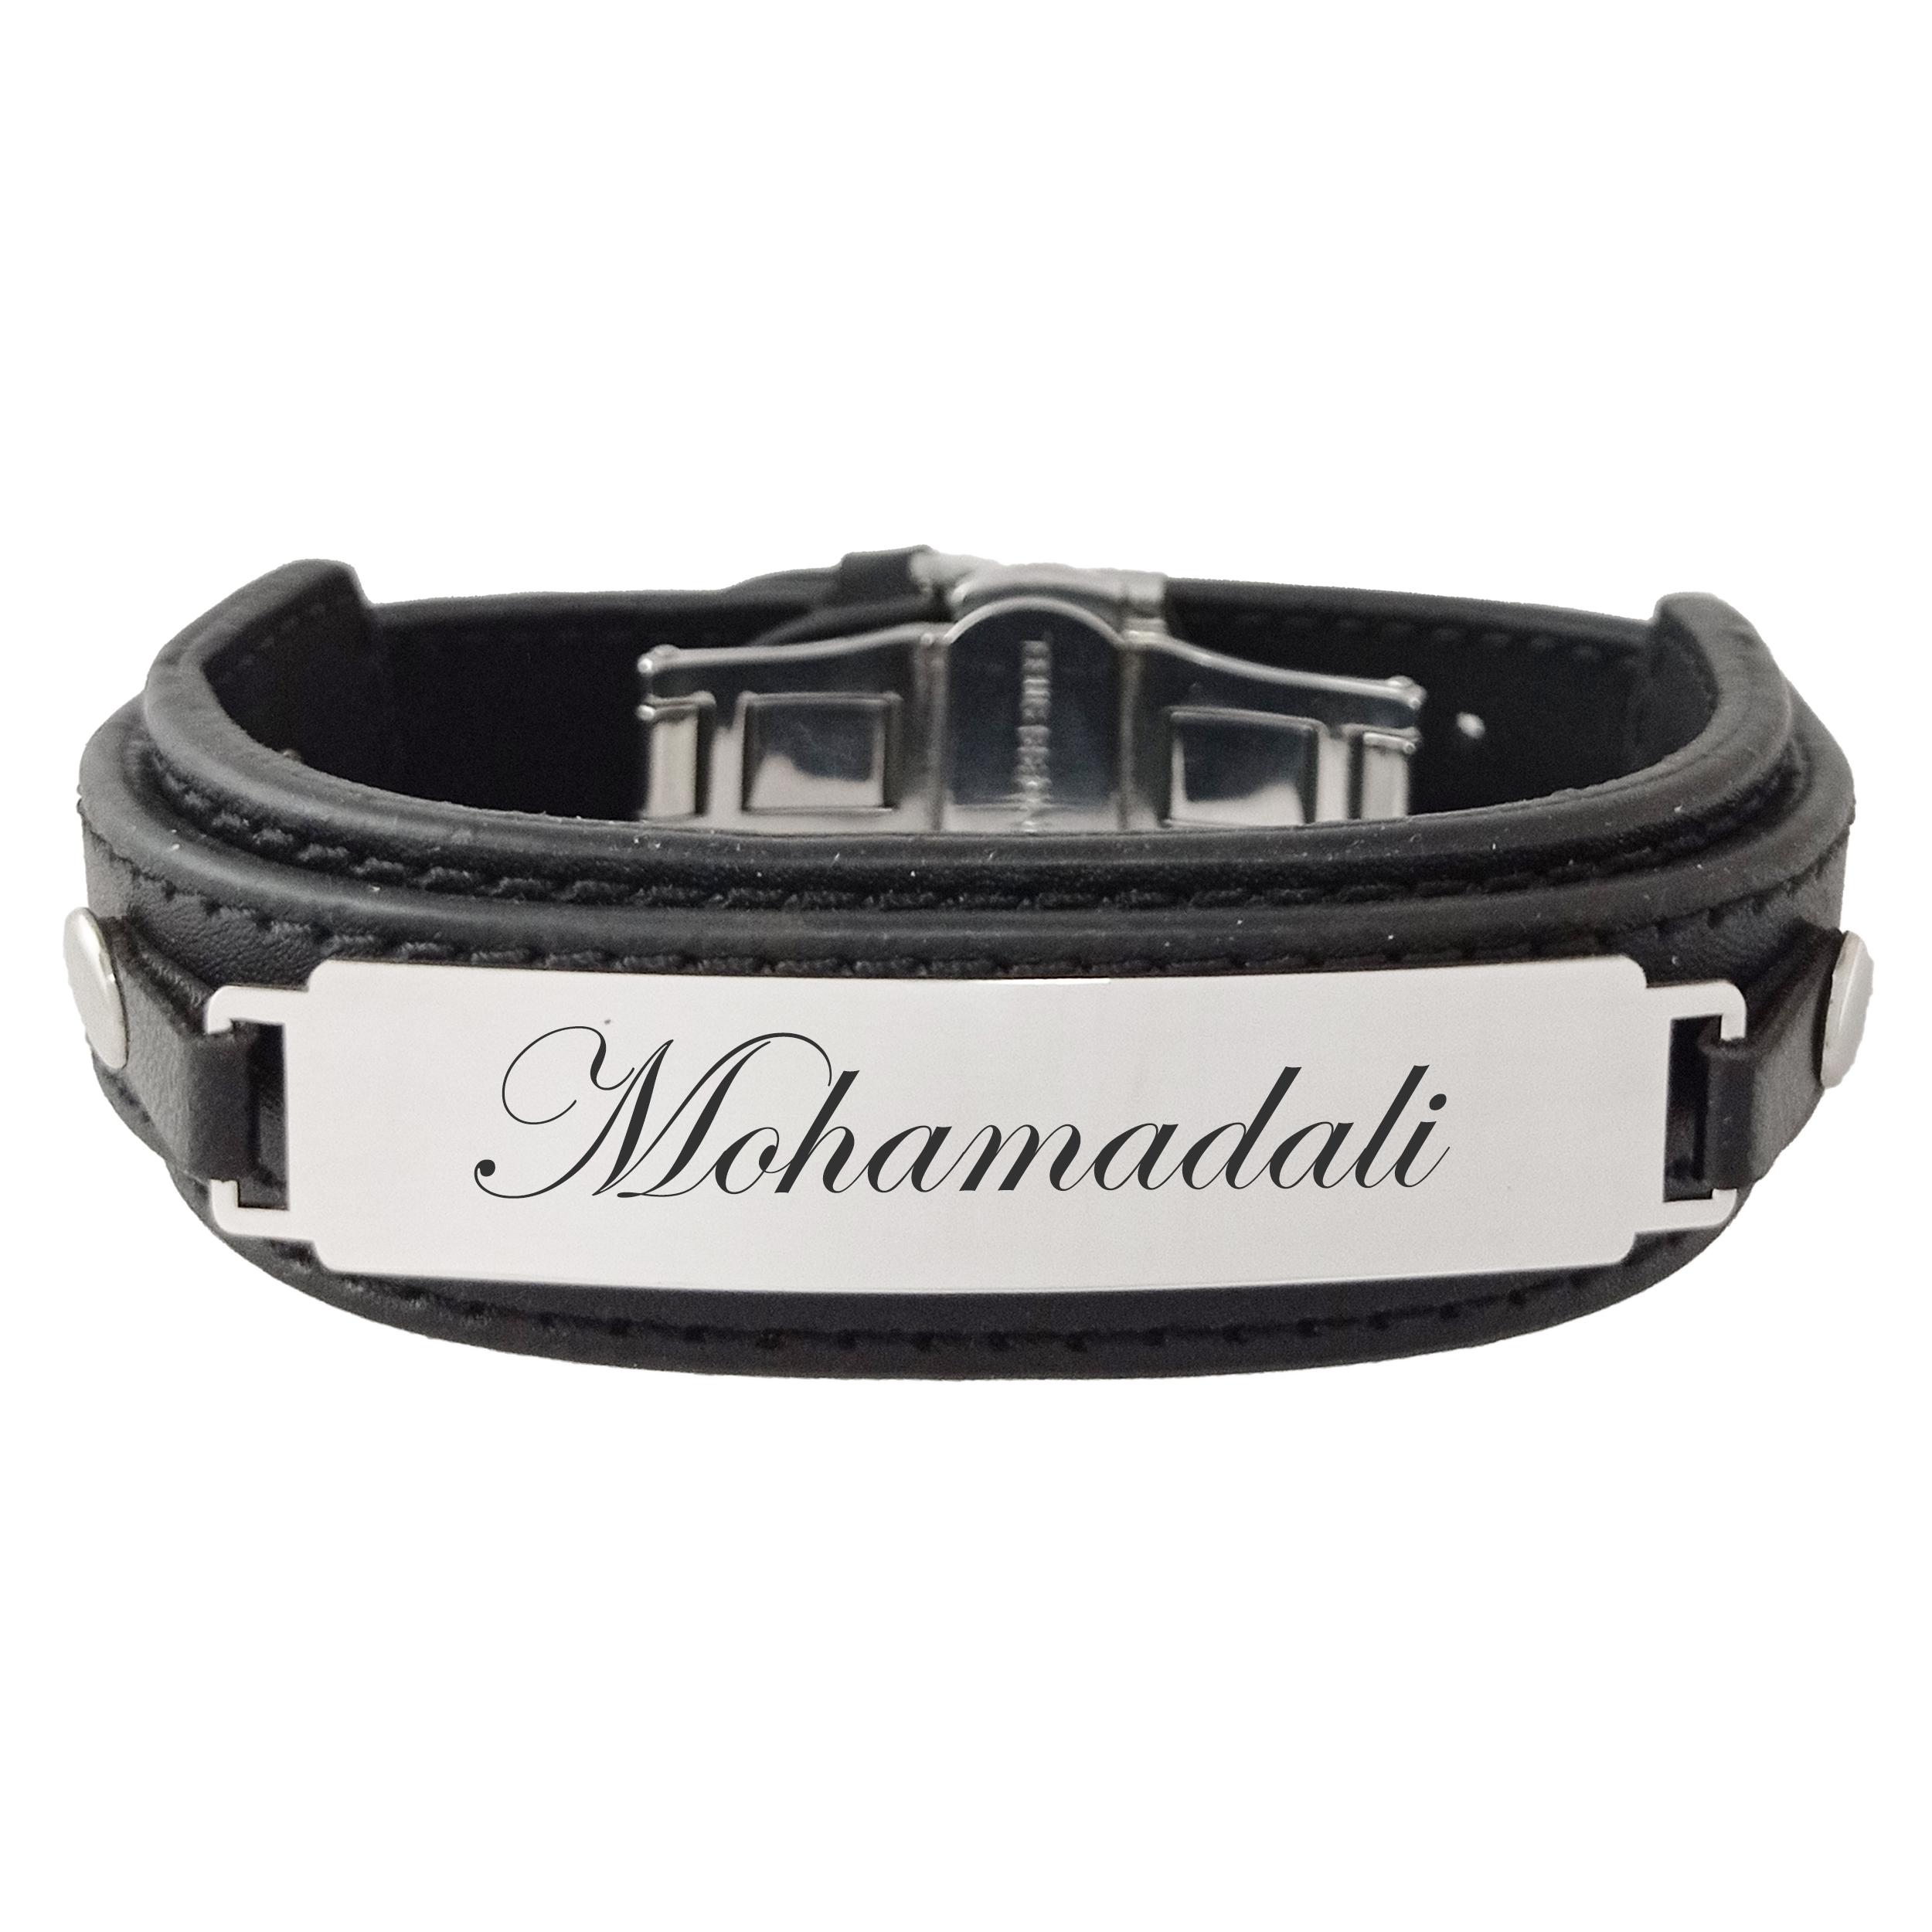 دستبند مردانه ترمه ۱ مدل محمدعلی کد Sam 968